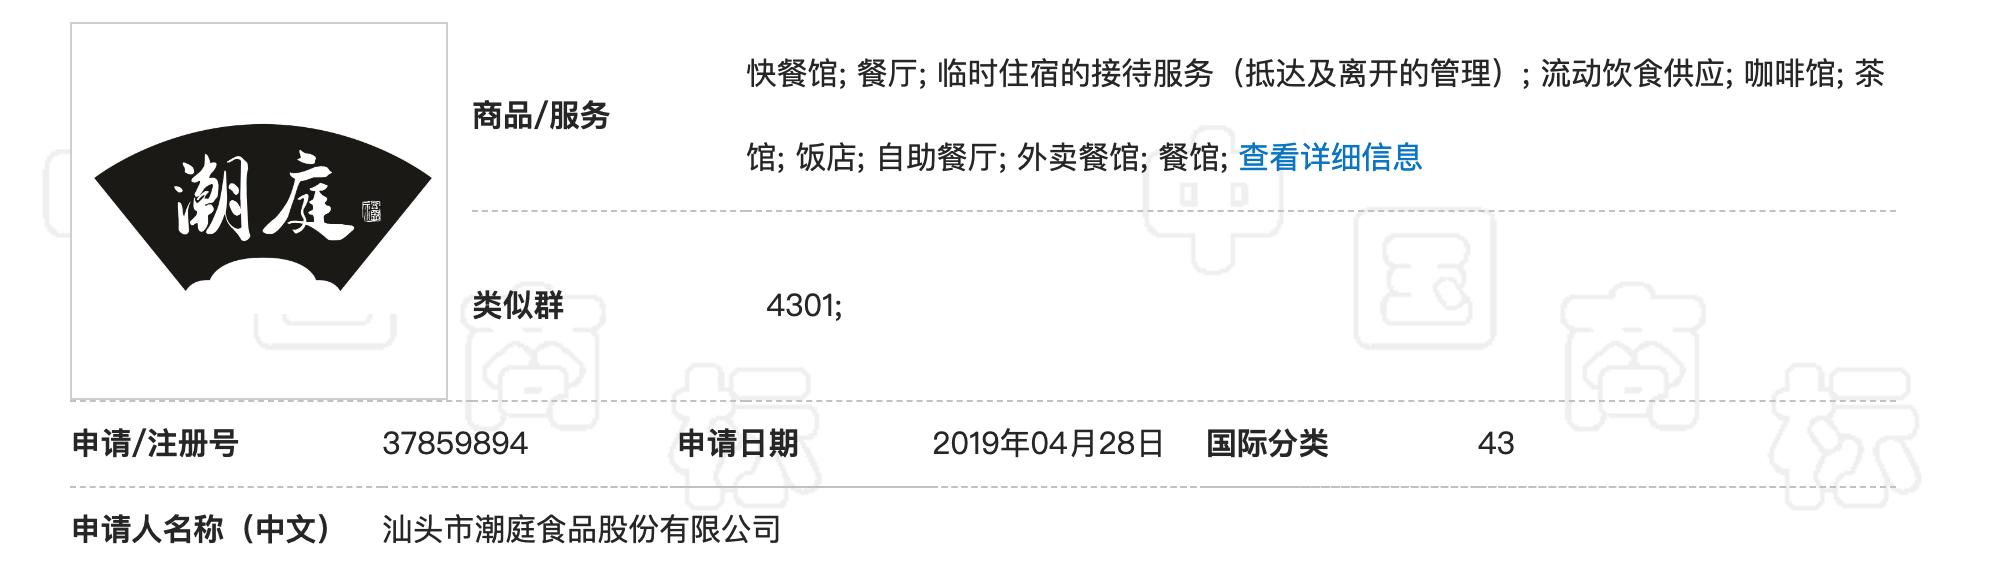 """汕头市潮庭食品 """"潮庭福及图""""驳回复审行政诉讼"""